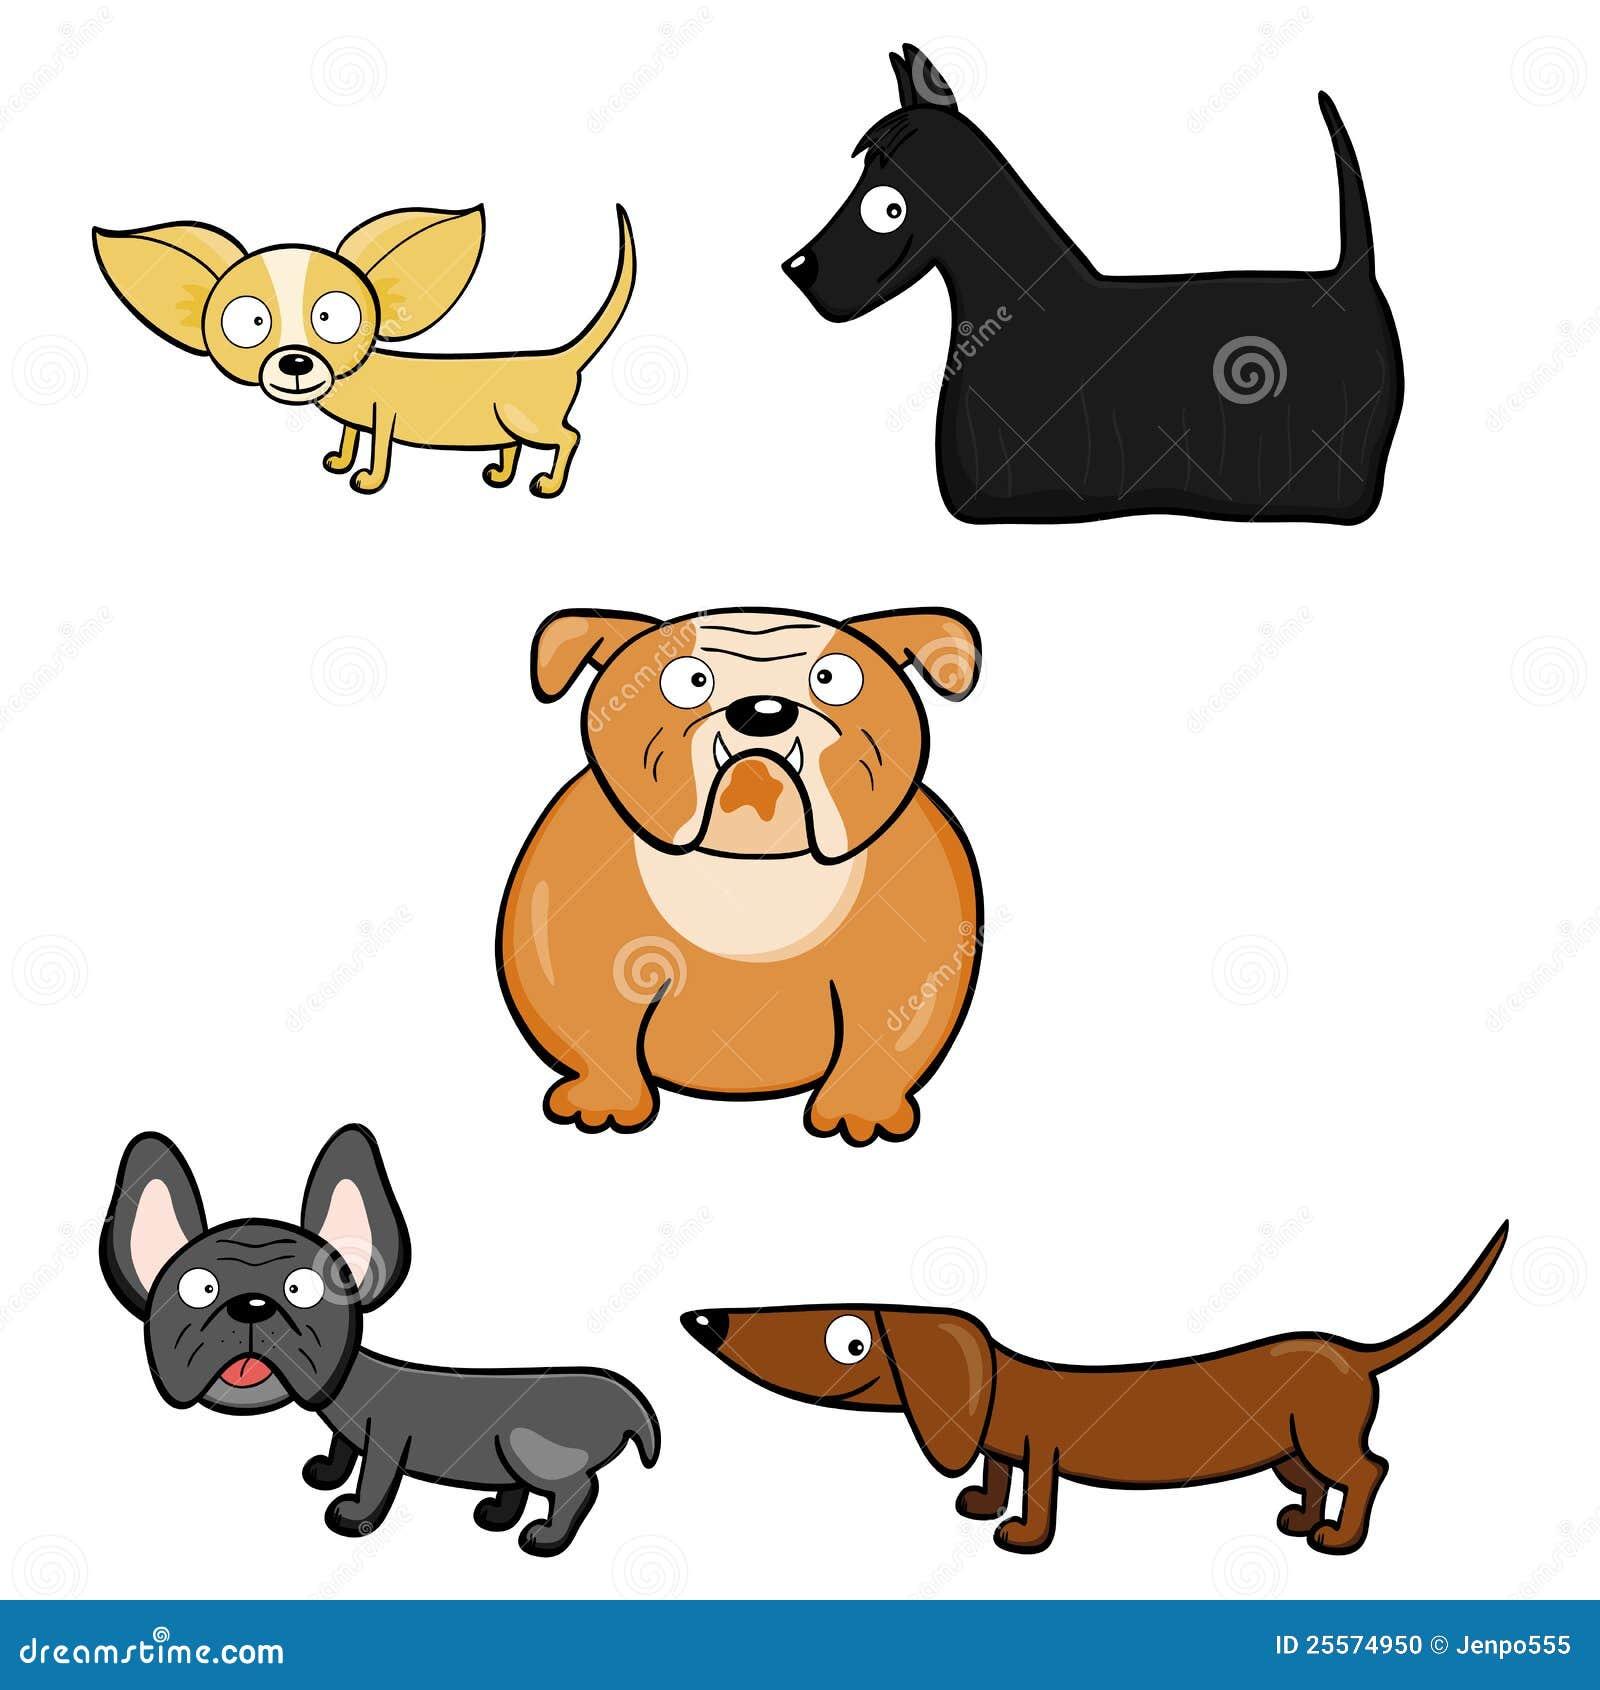 chihuahua dog stock 29 chihuahua dog stock 31 chihuahua dog stock 33